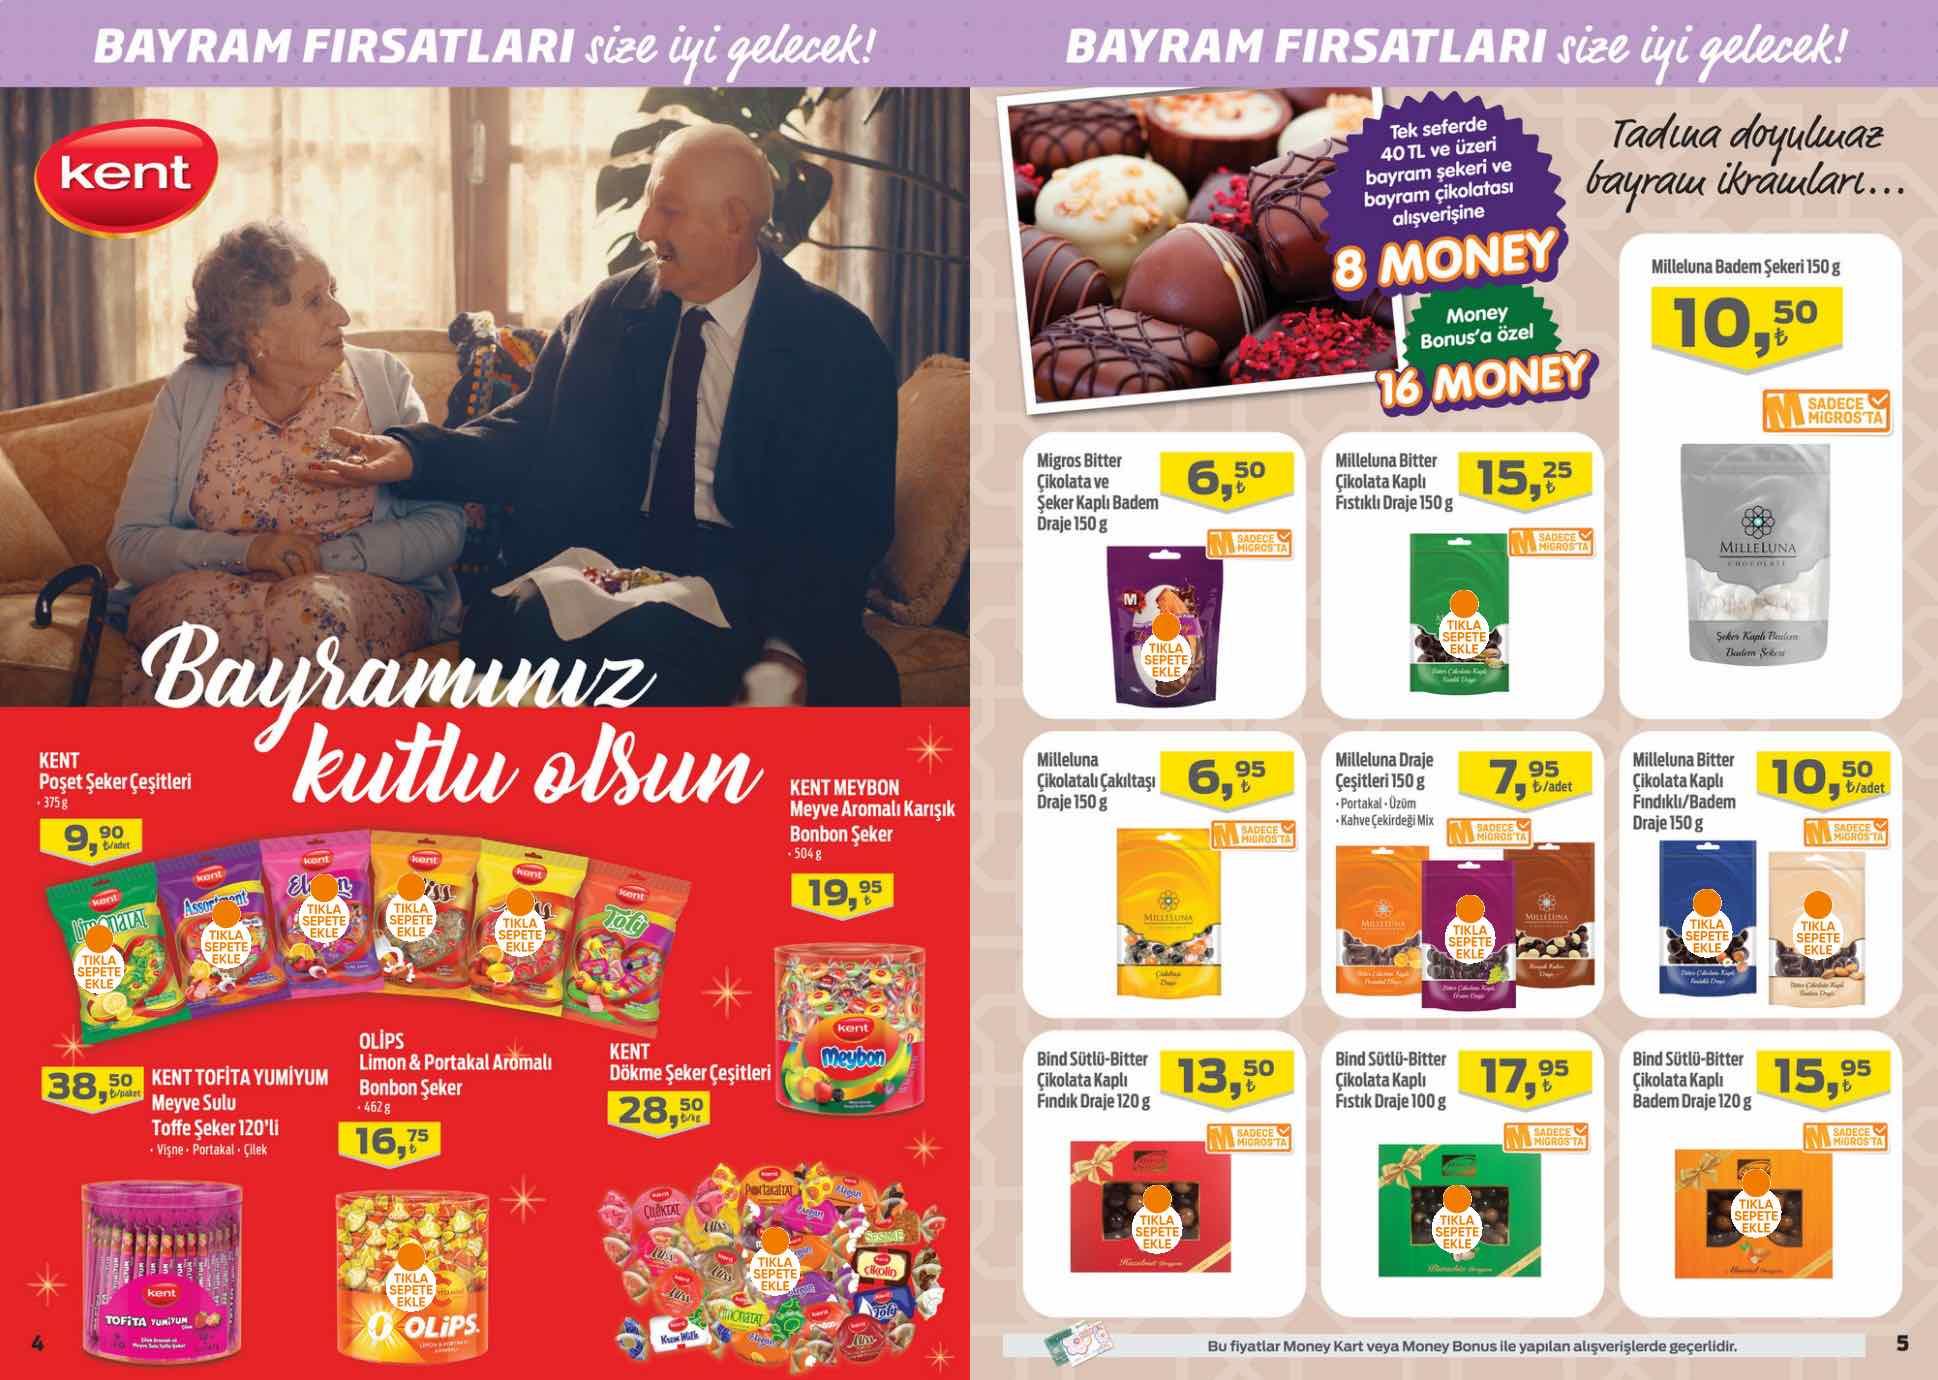 bayram çikolata fiyatları